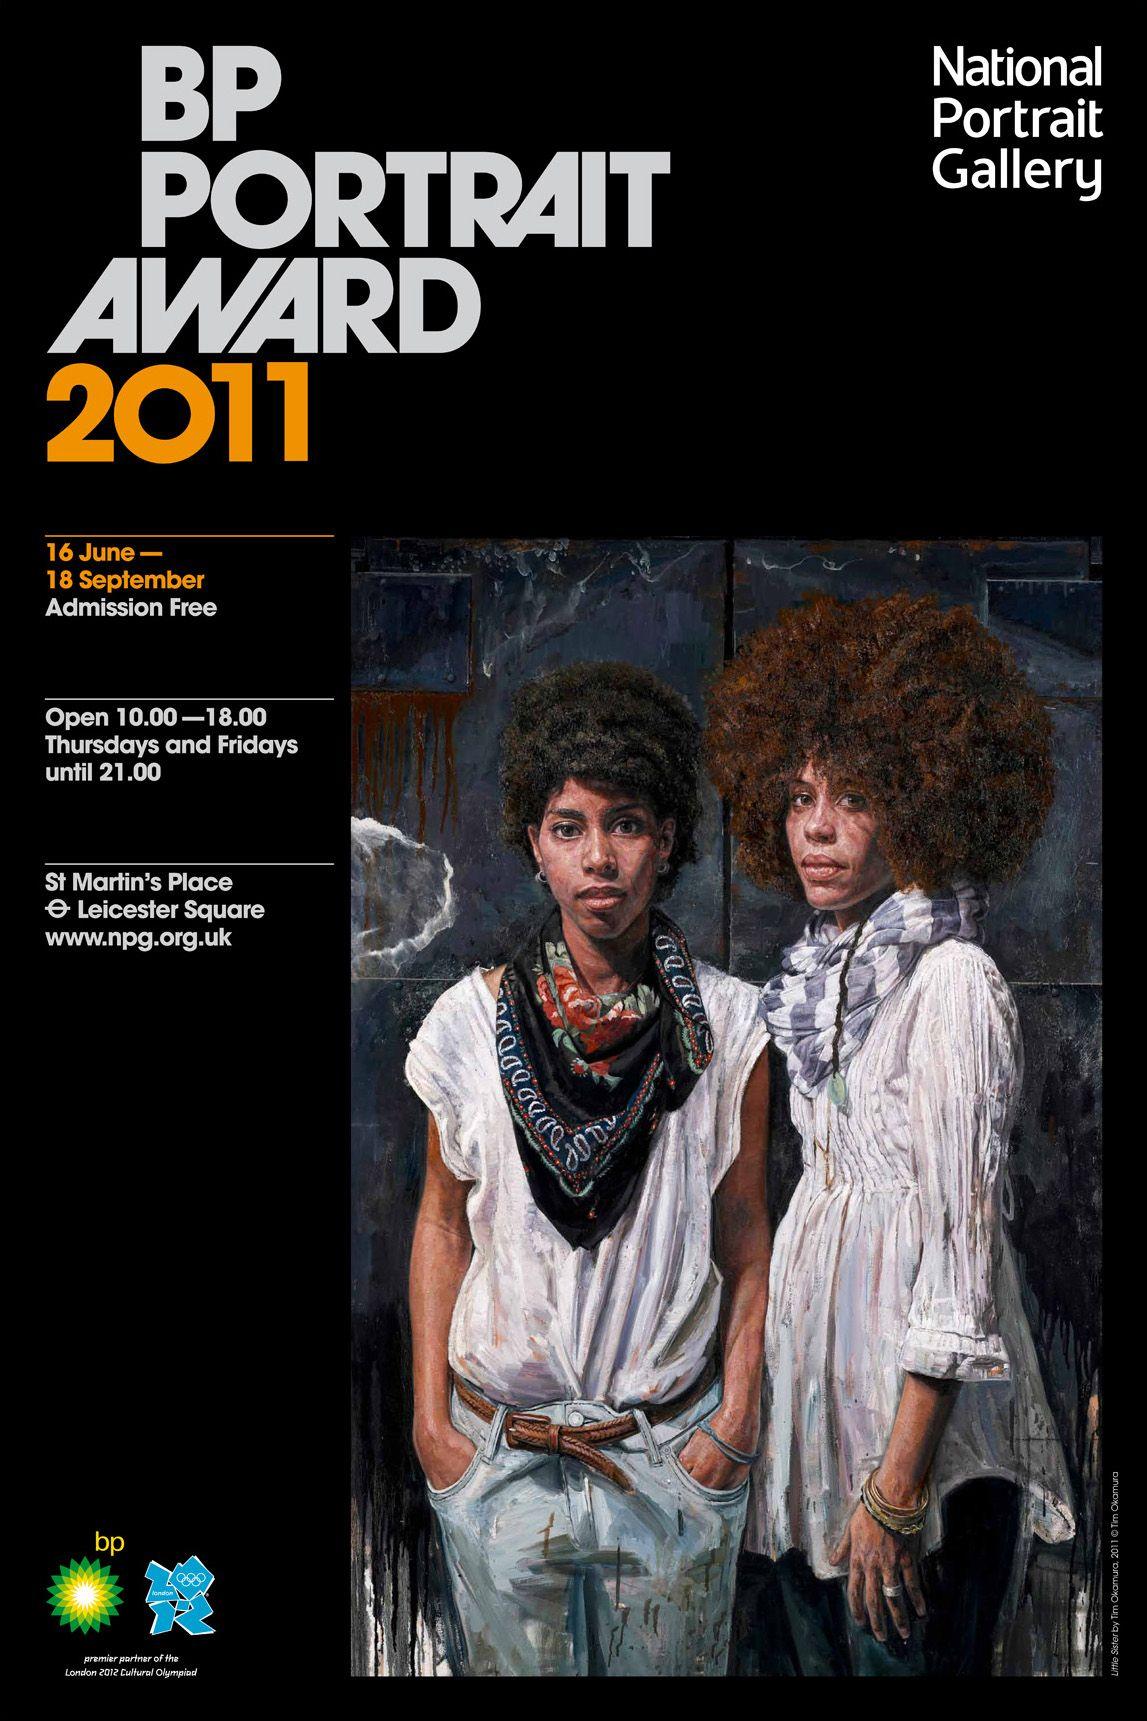 BP Portrait Award 2011. 16 June - 18 September 2011. http://www.npg.org.uk/whatson/exhibitions/bp-portrait-award-2011.php